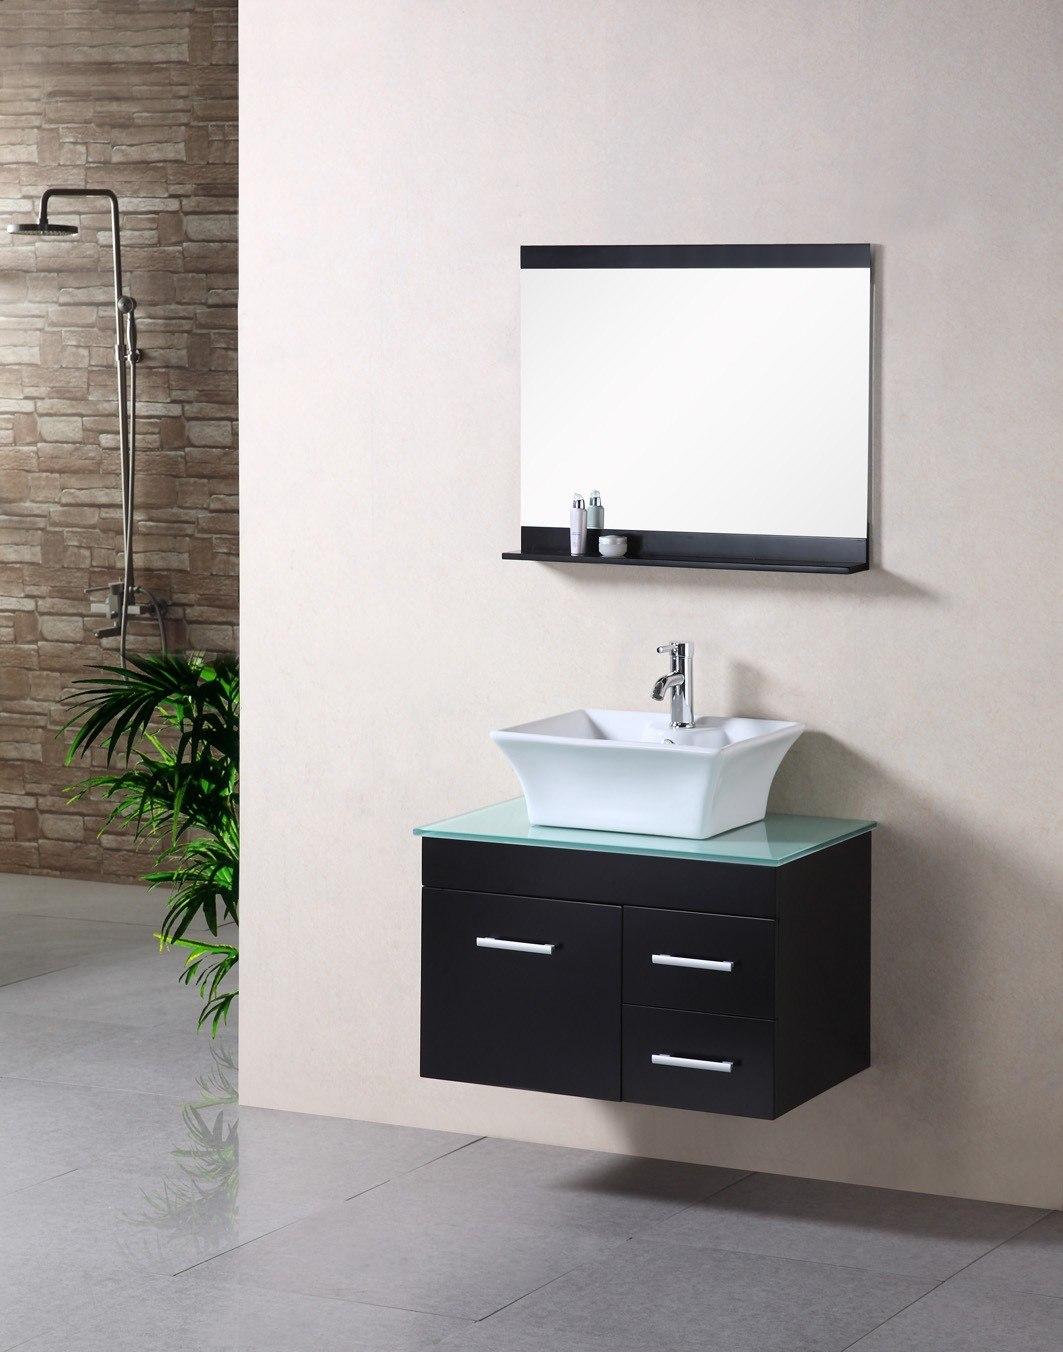 Design Element Dec1100a 30 Madrid 30 Inch Single Sink Wall